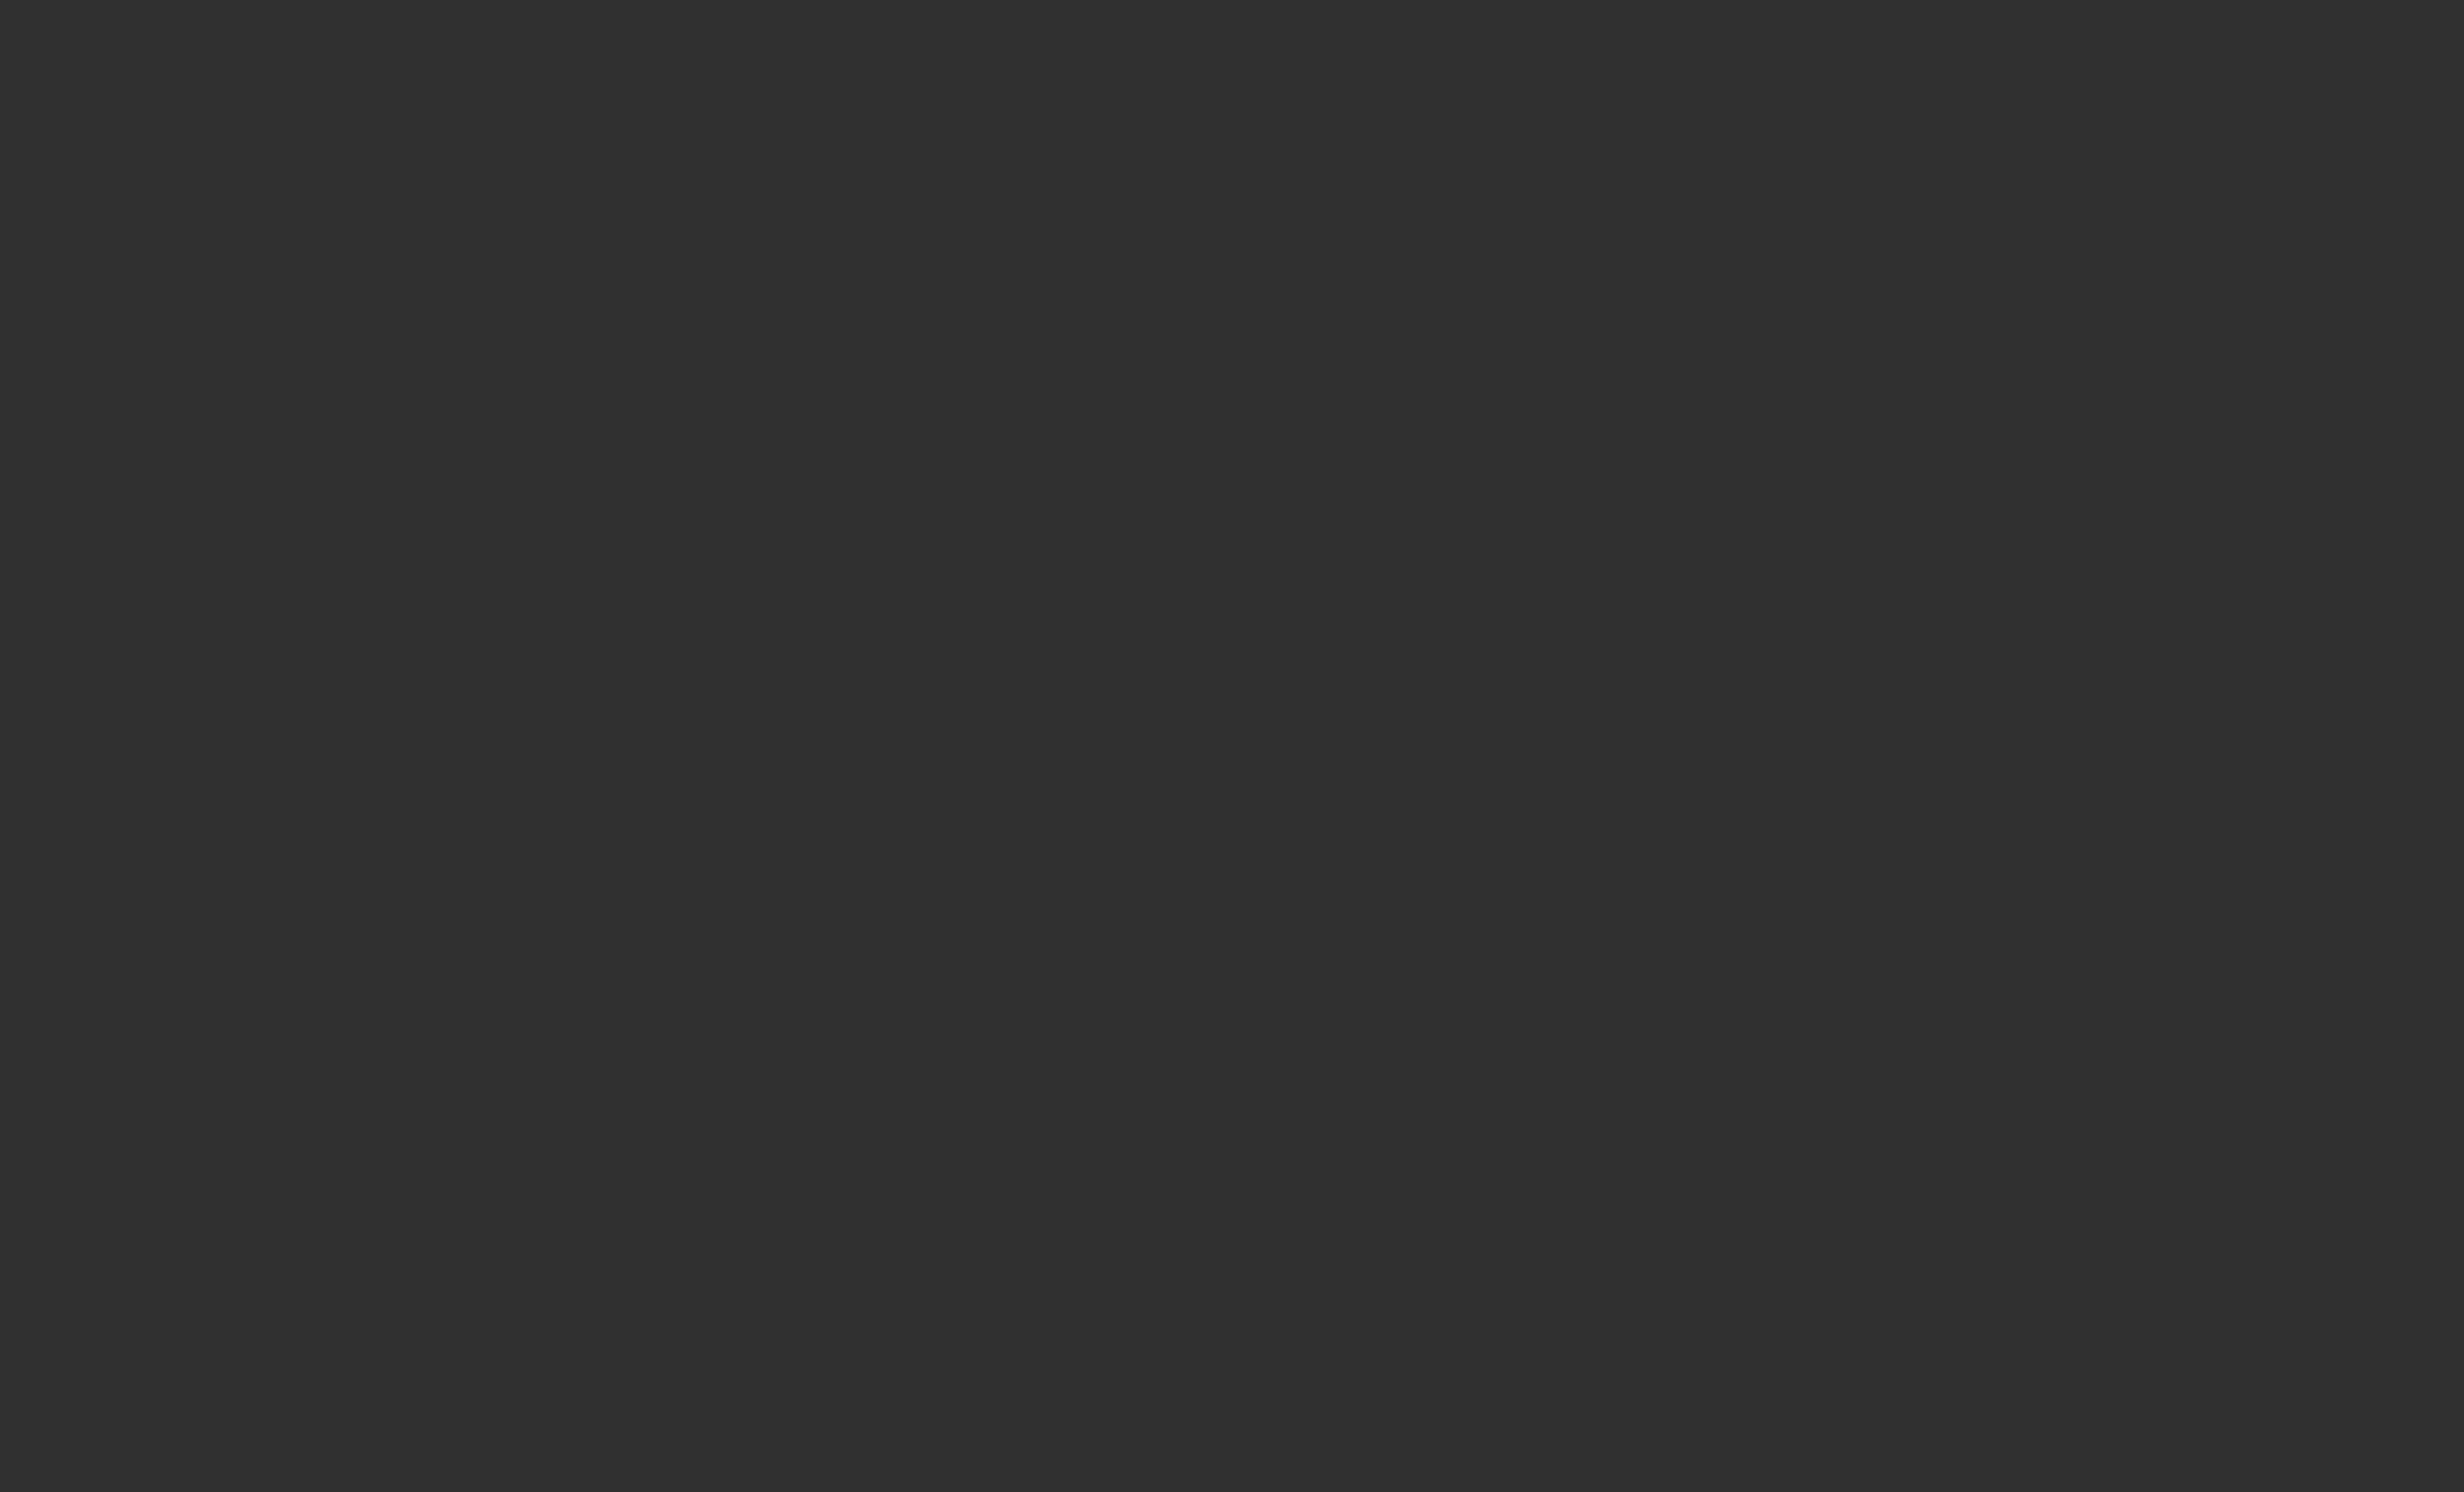 Website-Deep-Header-Dark-Background